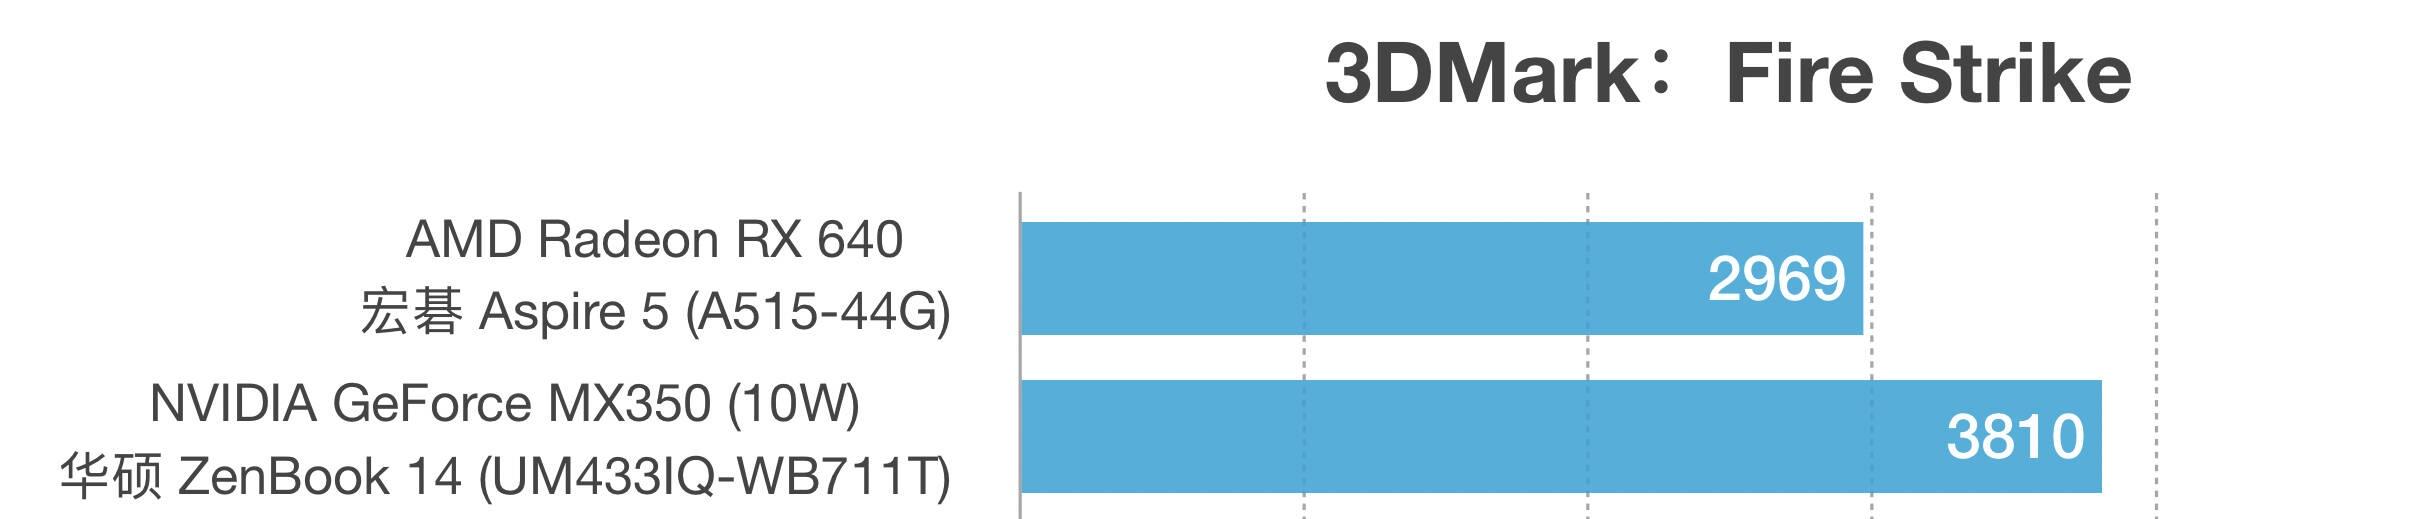 AMD Radeon RX 640和MX350性能跑分对比评测